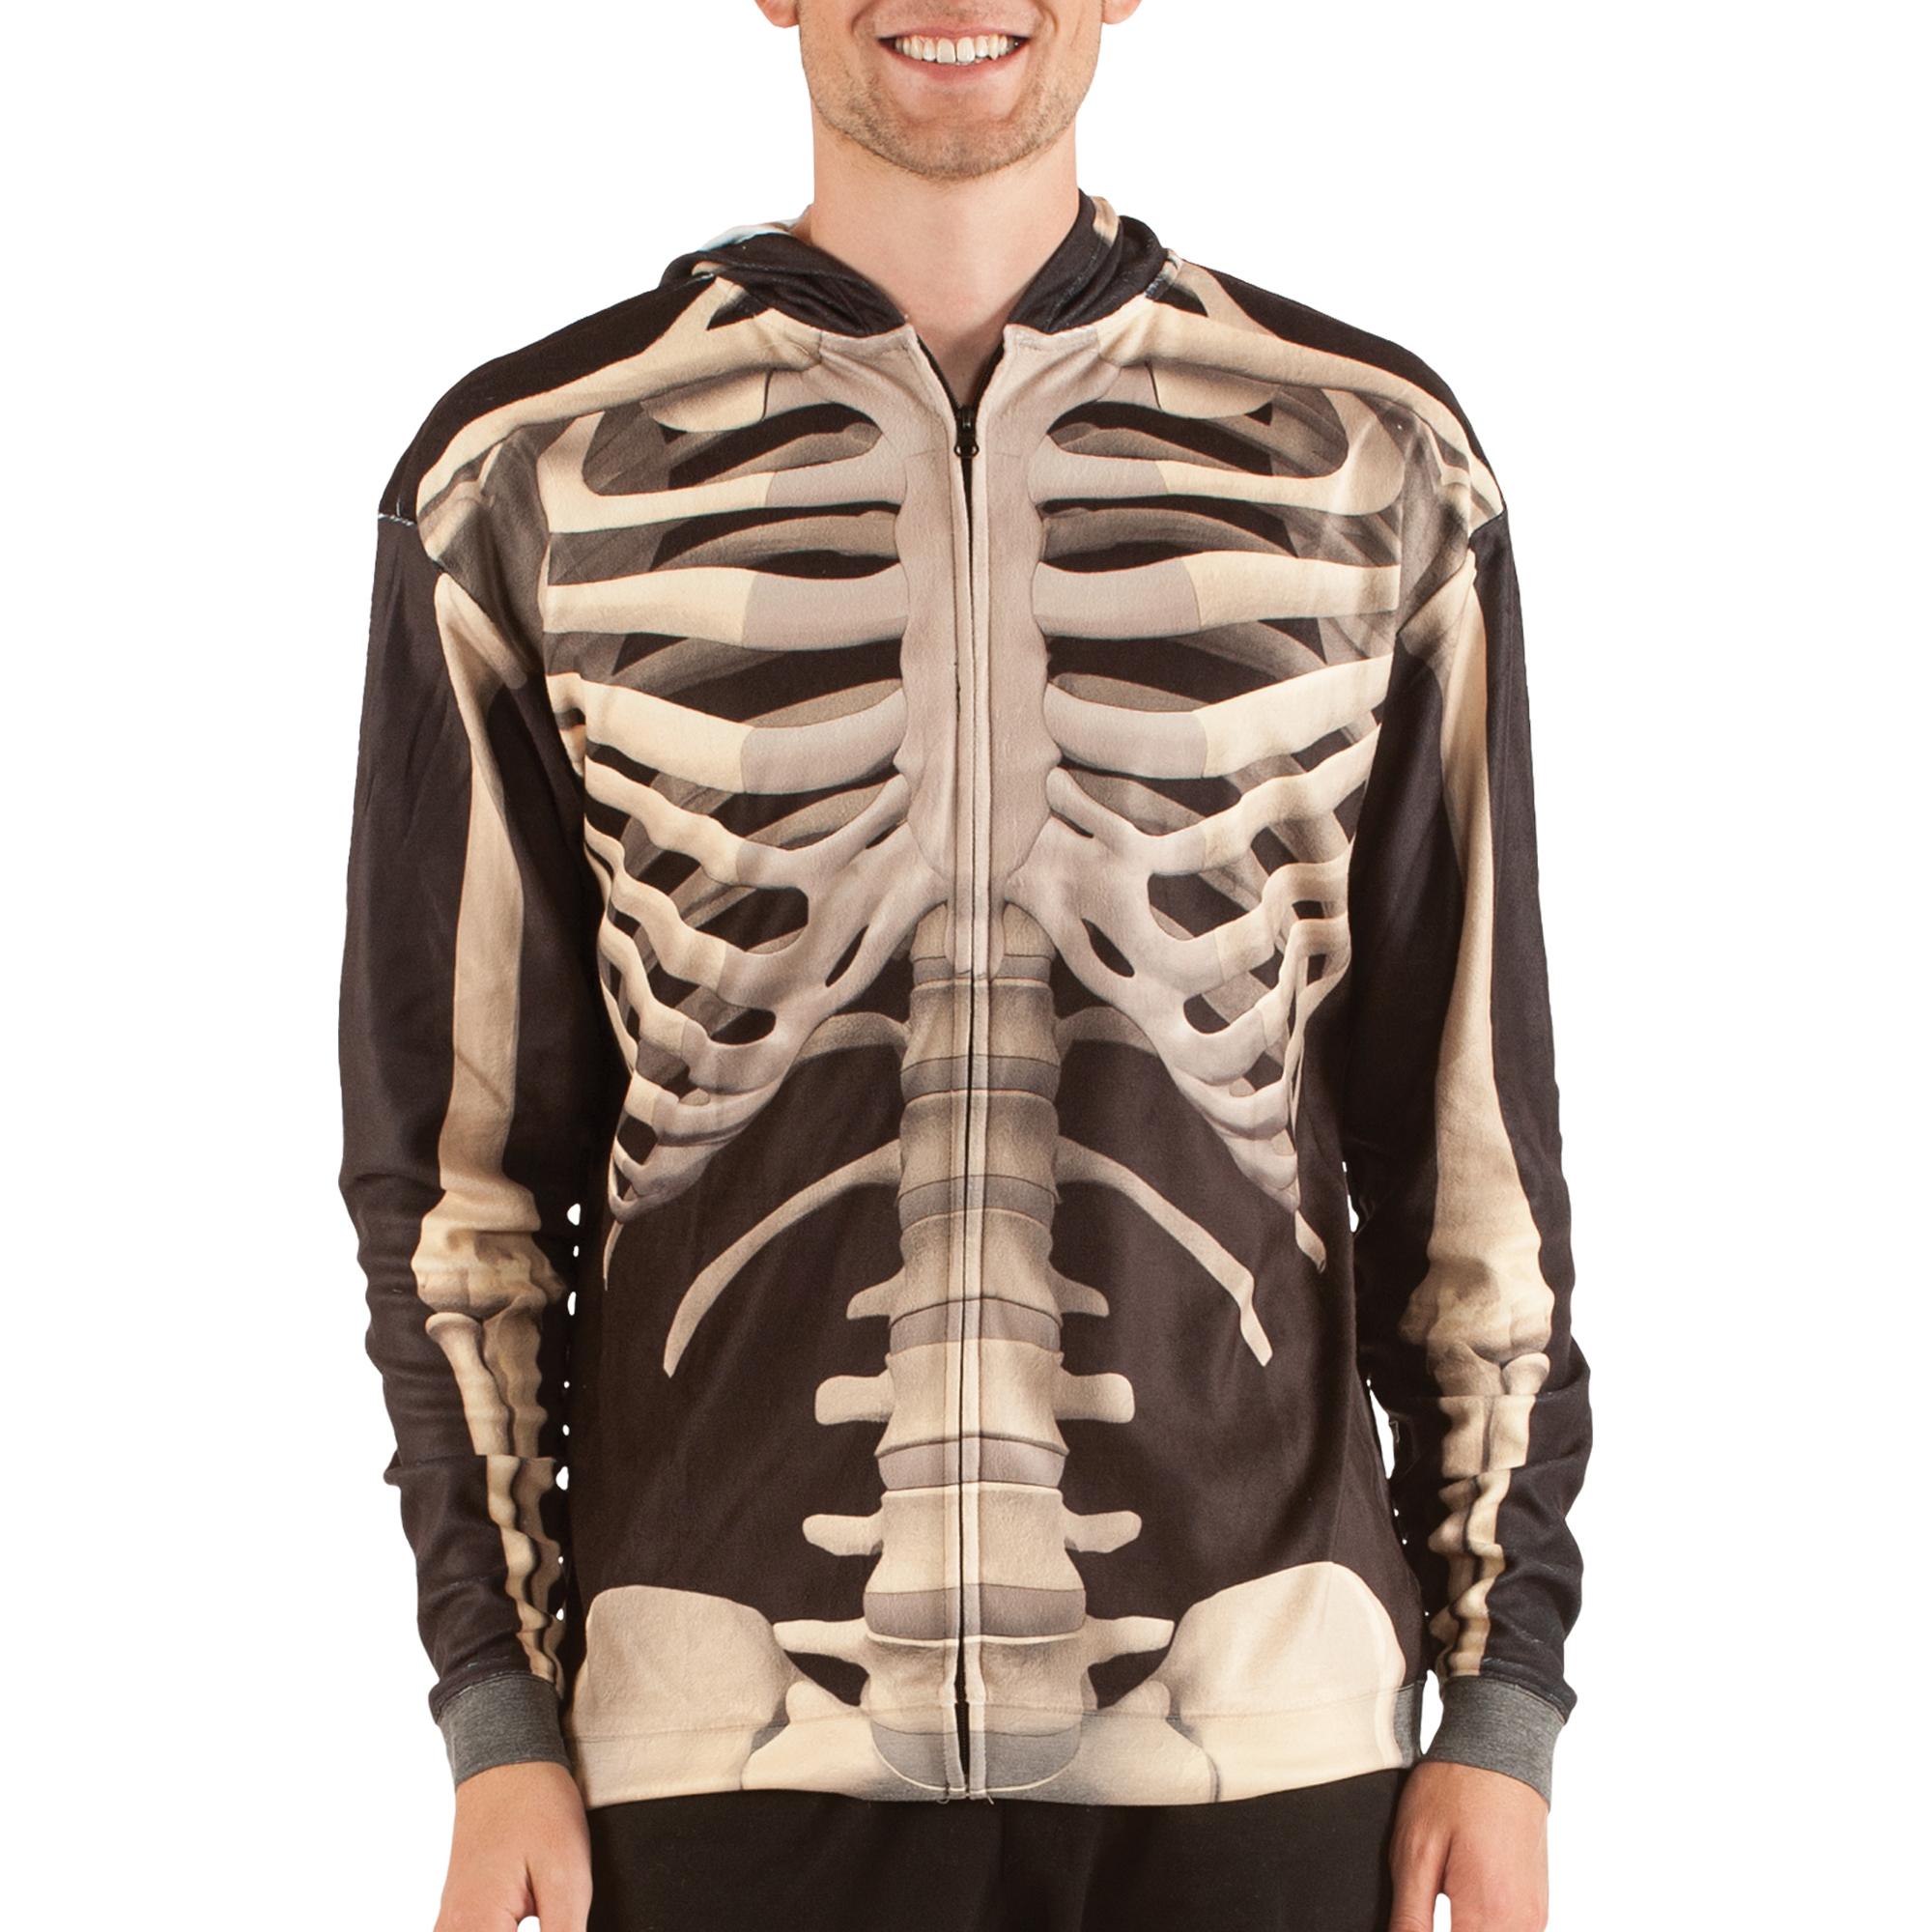 Skeleton Sweatshirt Men's Long Sleeve Zip up Sweatshirt